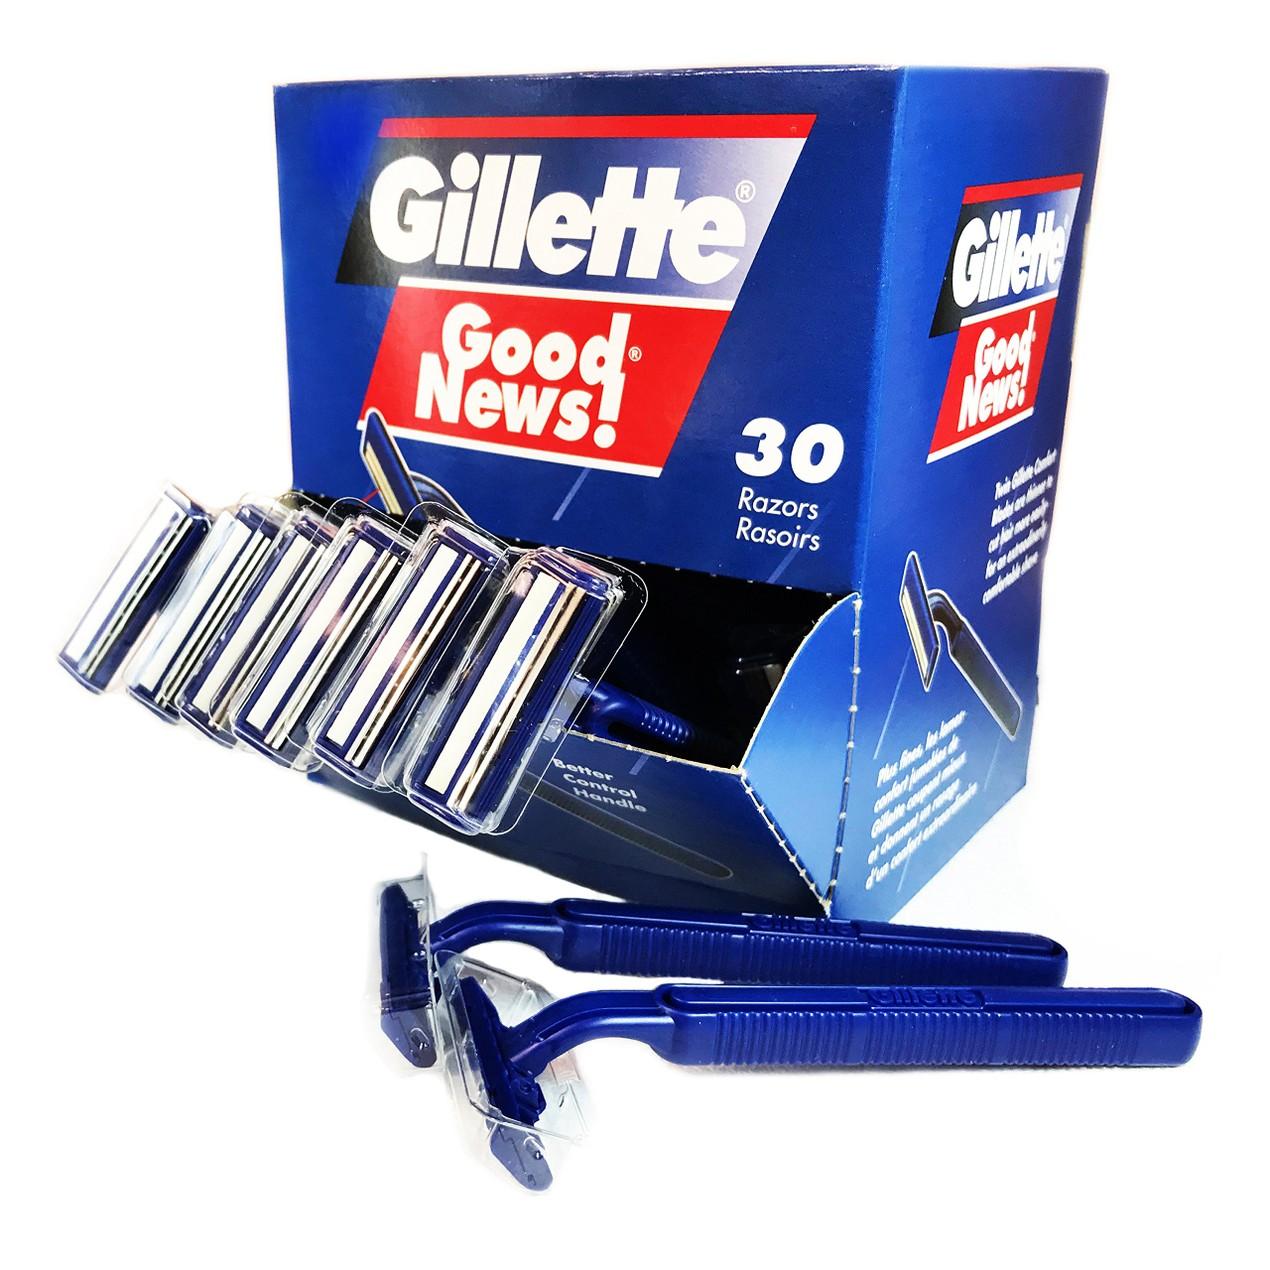 30-Pack Gillette Good News! Disposable Razors